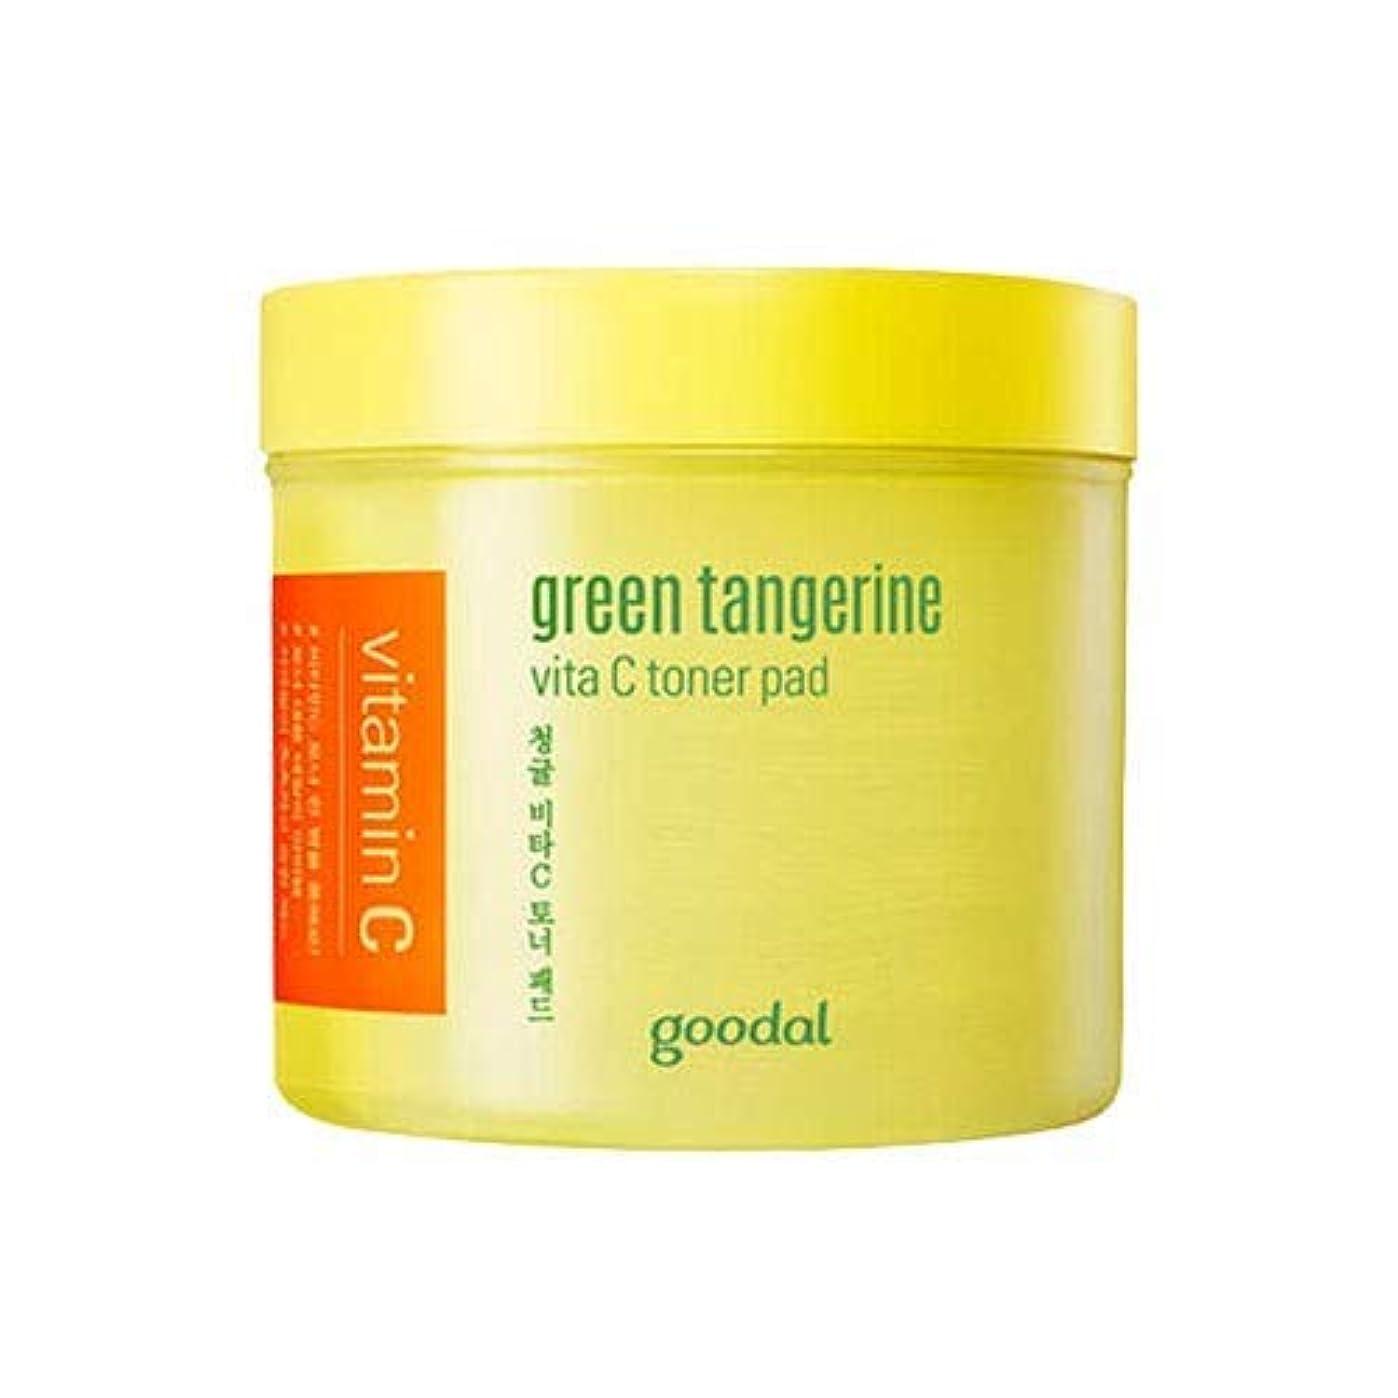 せっかち会計士広告するグダール青みかんヴィータCトナーパッド70枚 Goodal Green Tangerine Vita C Toner Pad 70p 青ミカン クリーム 韓国コスメ